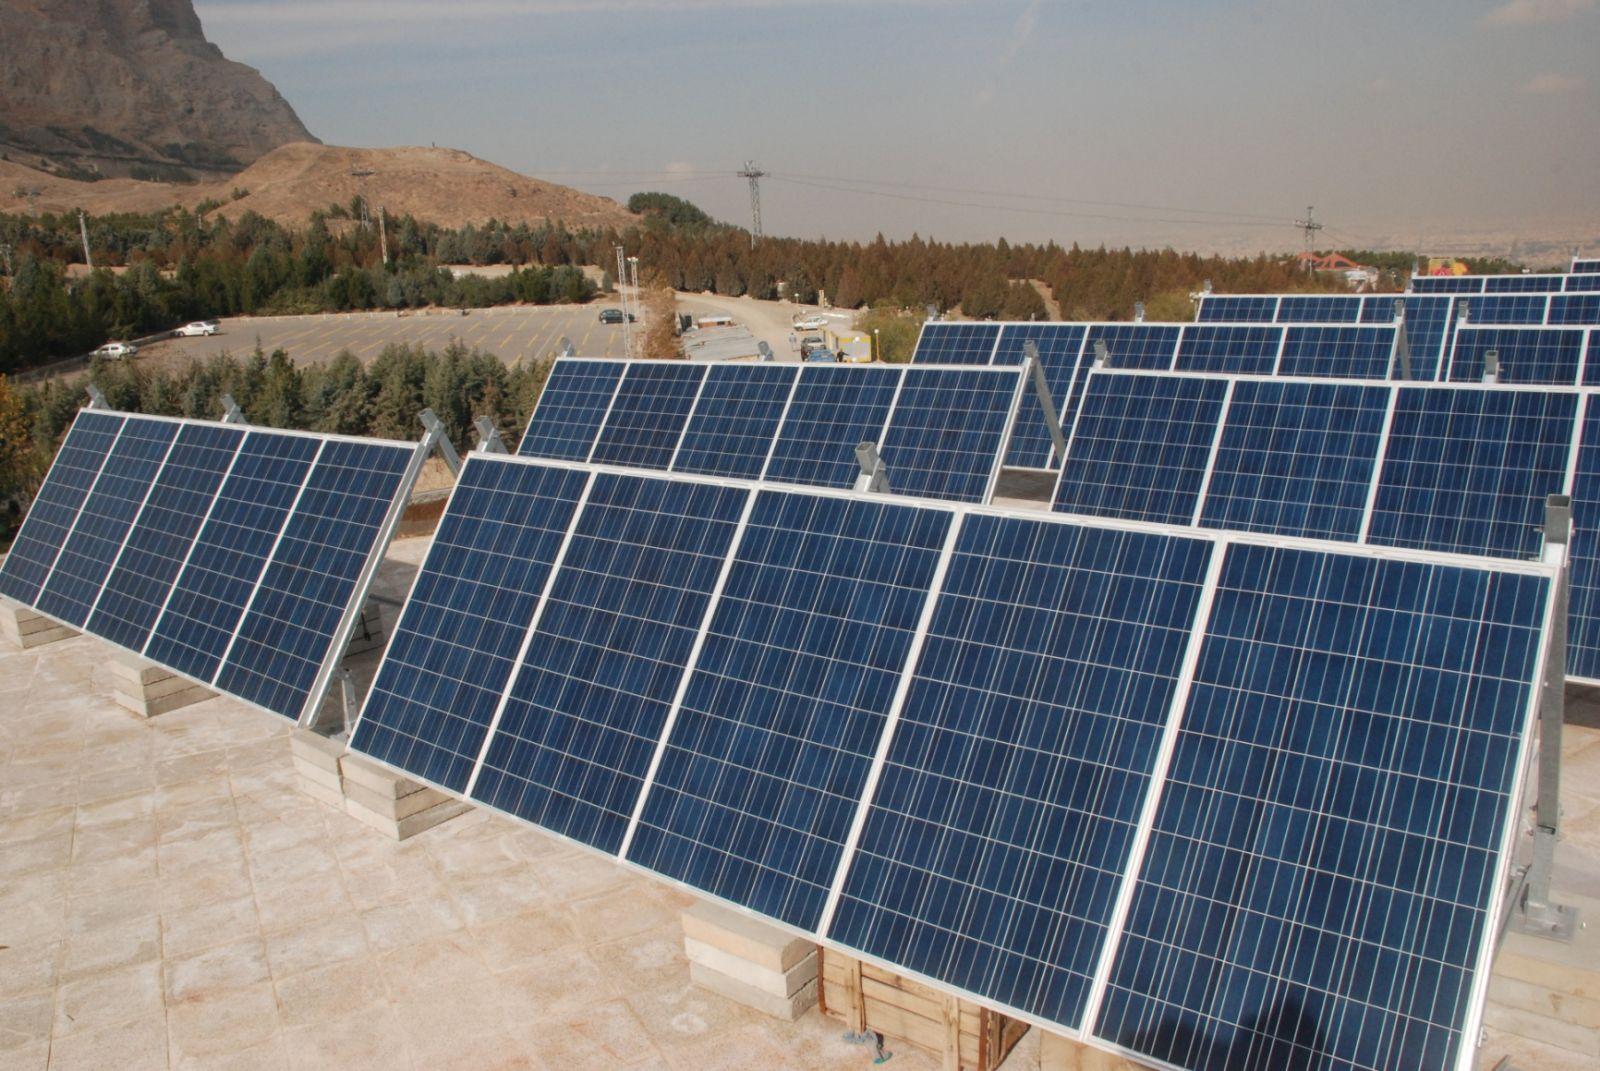 نیروگاه خورشیدی ۱۰ مگاواتی کشور در شهرستان اقلید احداث میشود